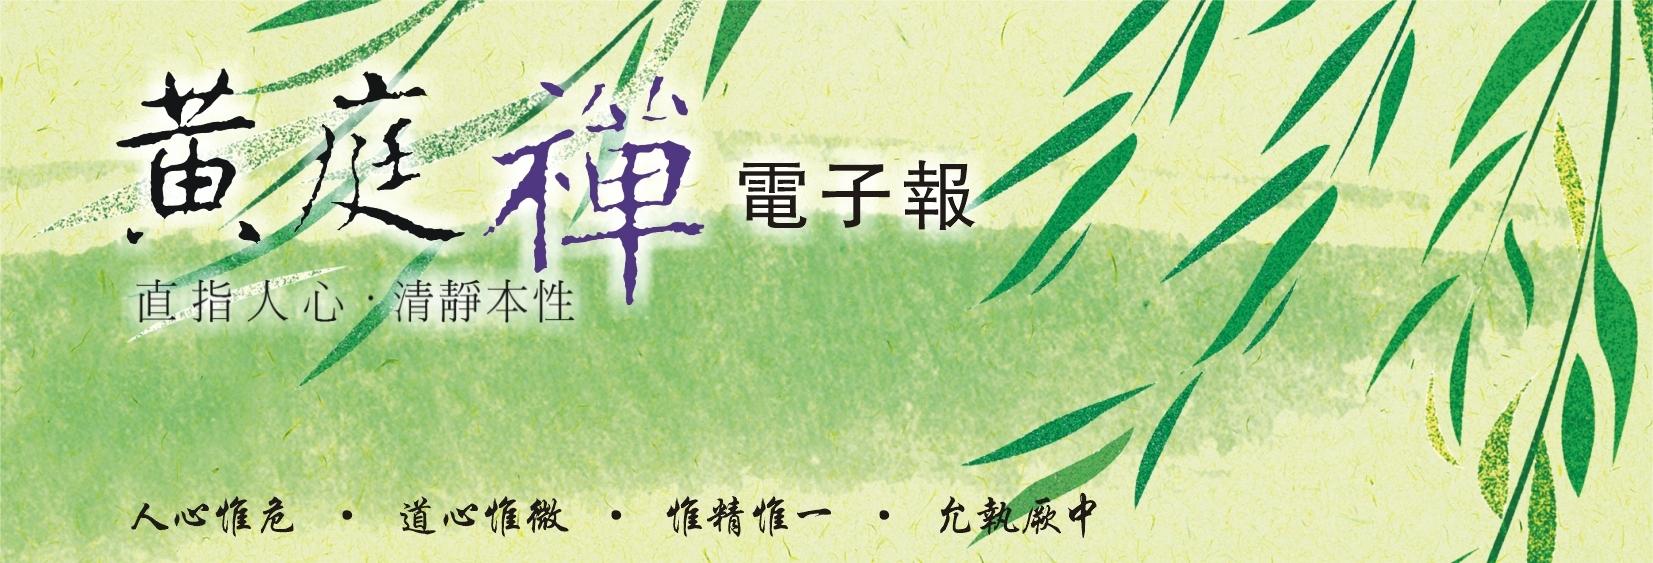 中華黃庭禪學會2015.05.21電子報